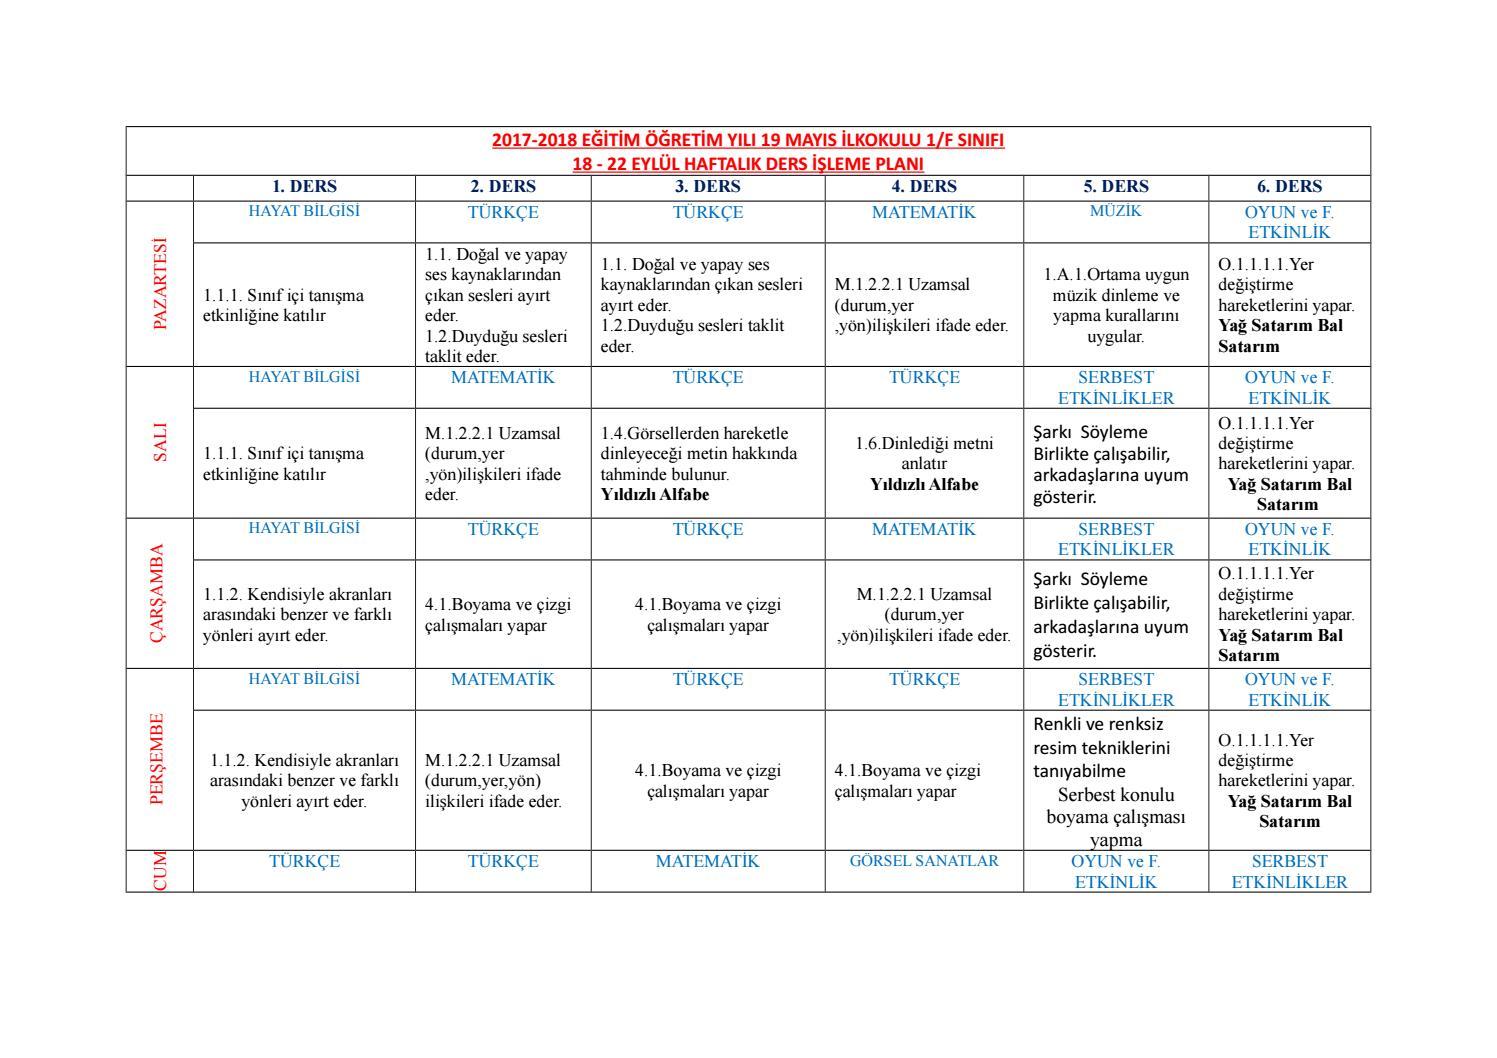 18 22 Eylül Haftalık Ders Işleme Planı By Fatma Erdoğan Issuu